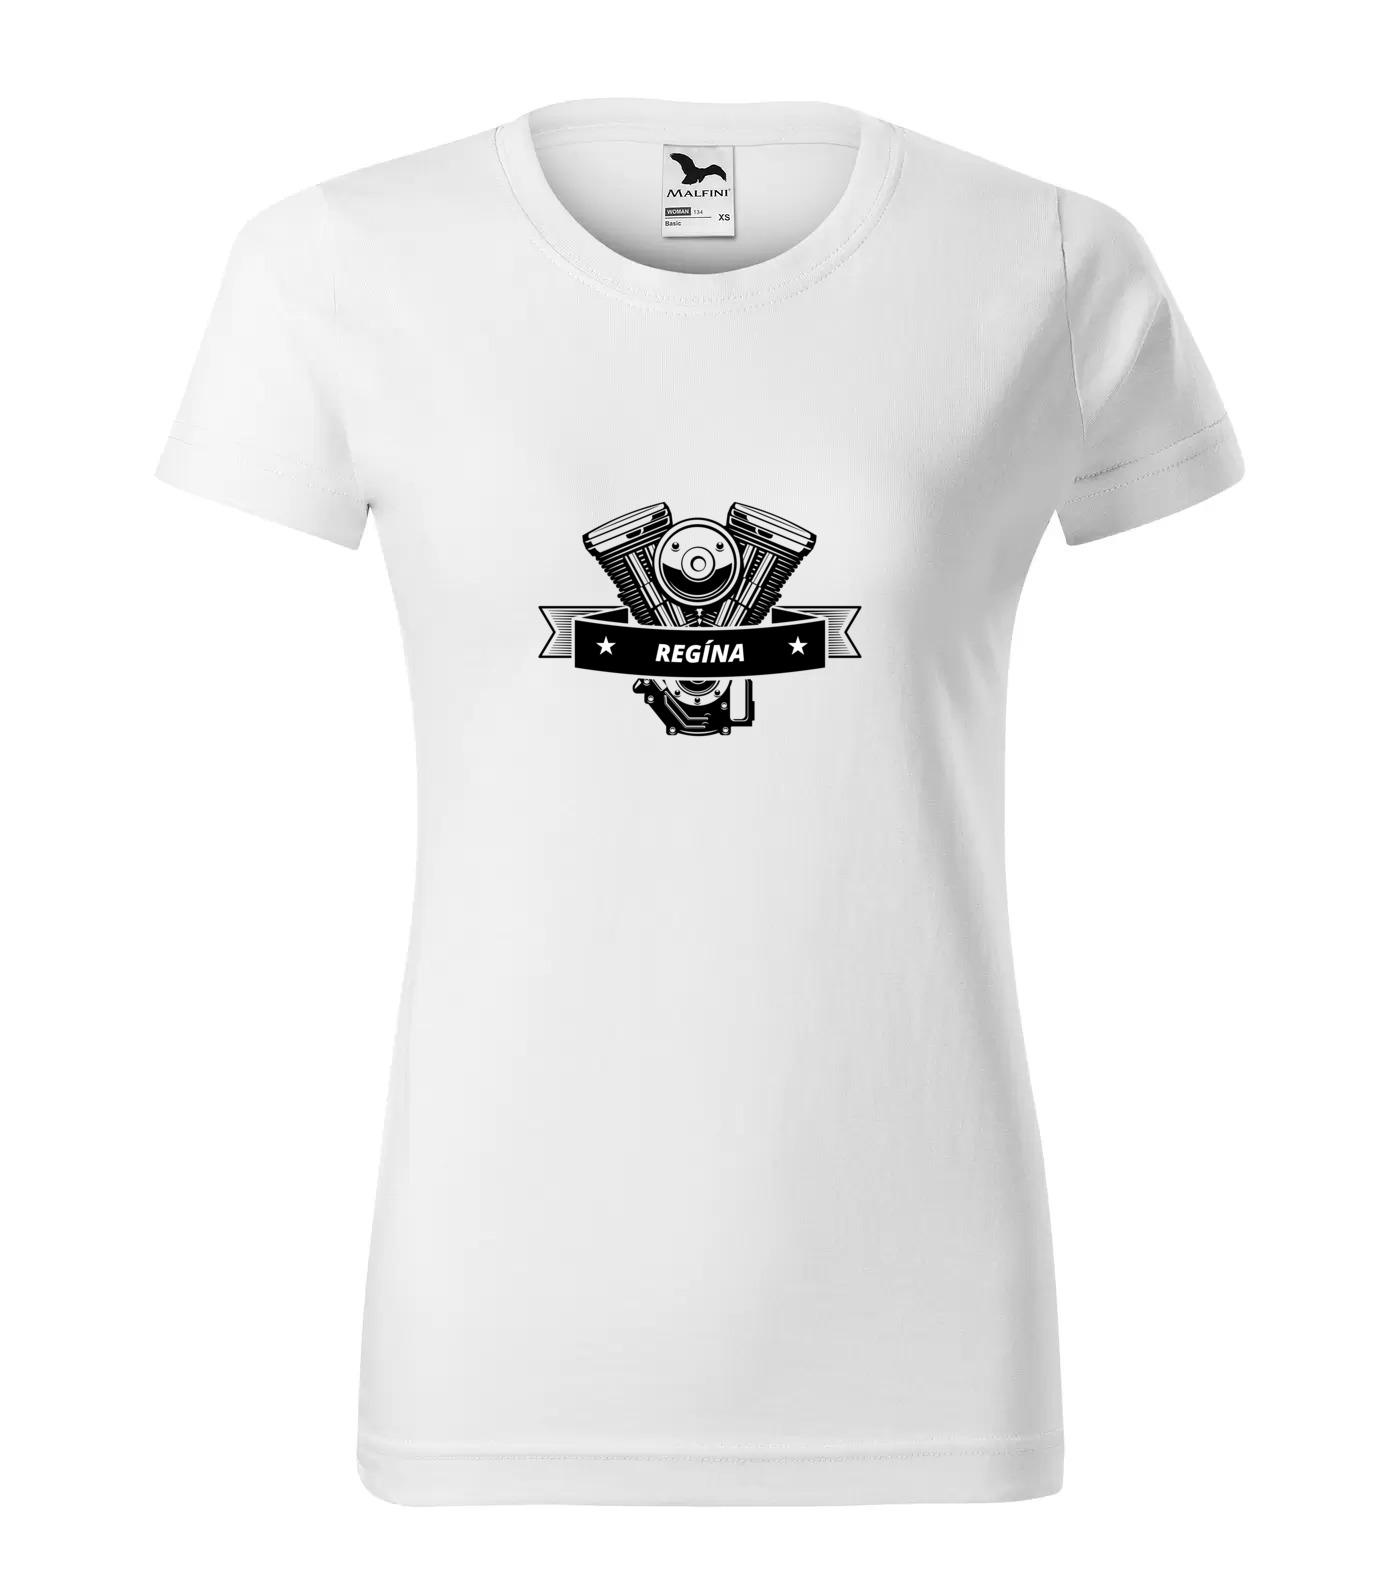 Tričko Motorkářka Regína